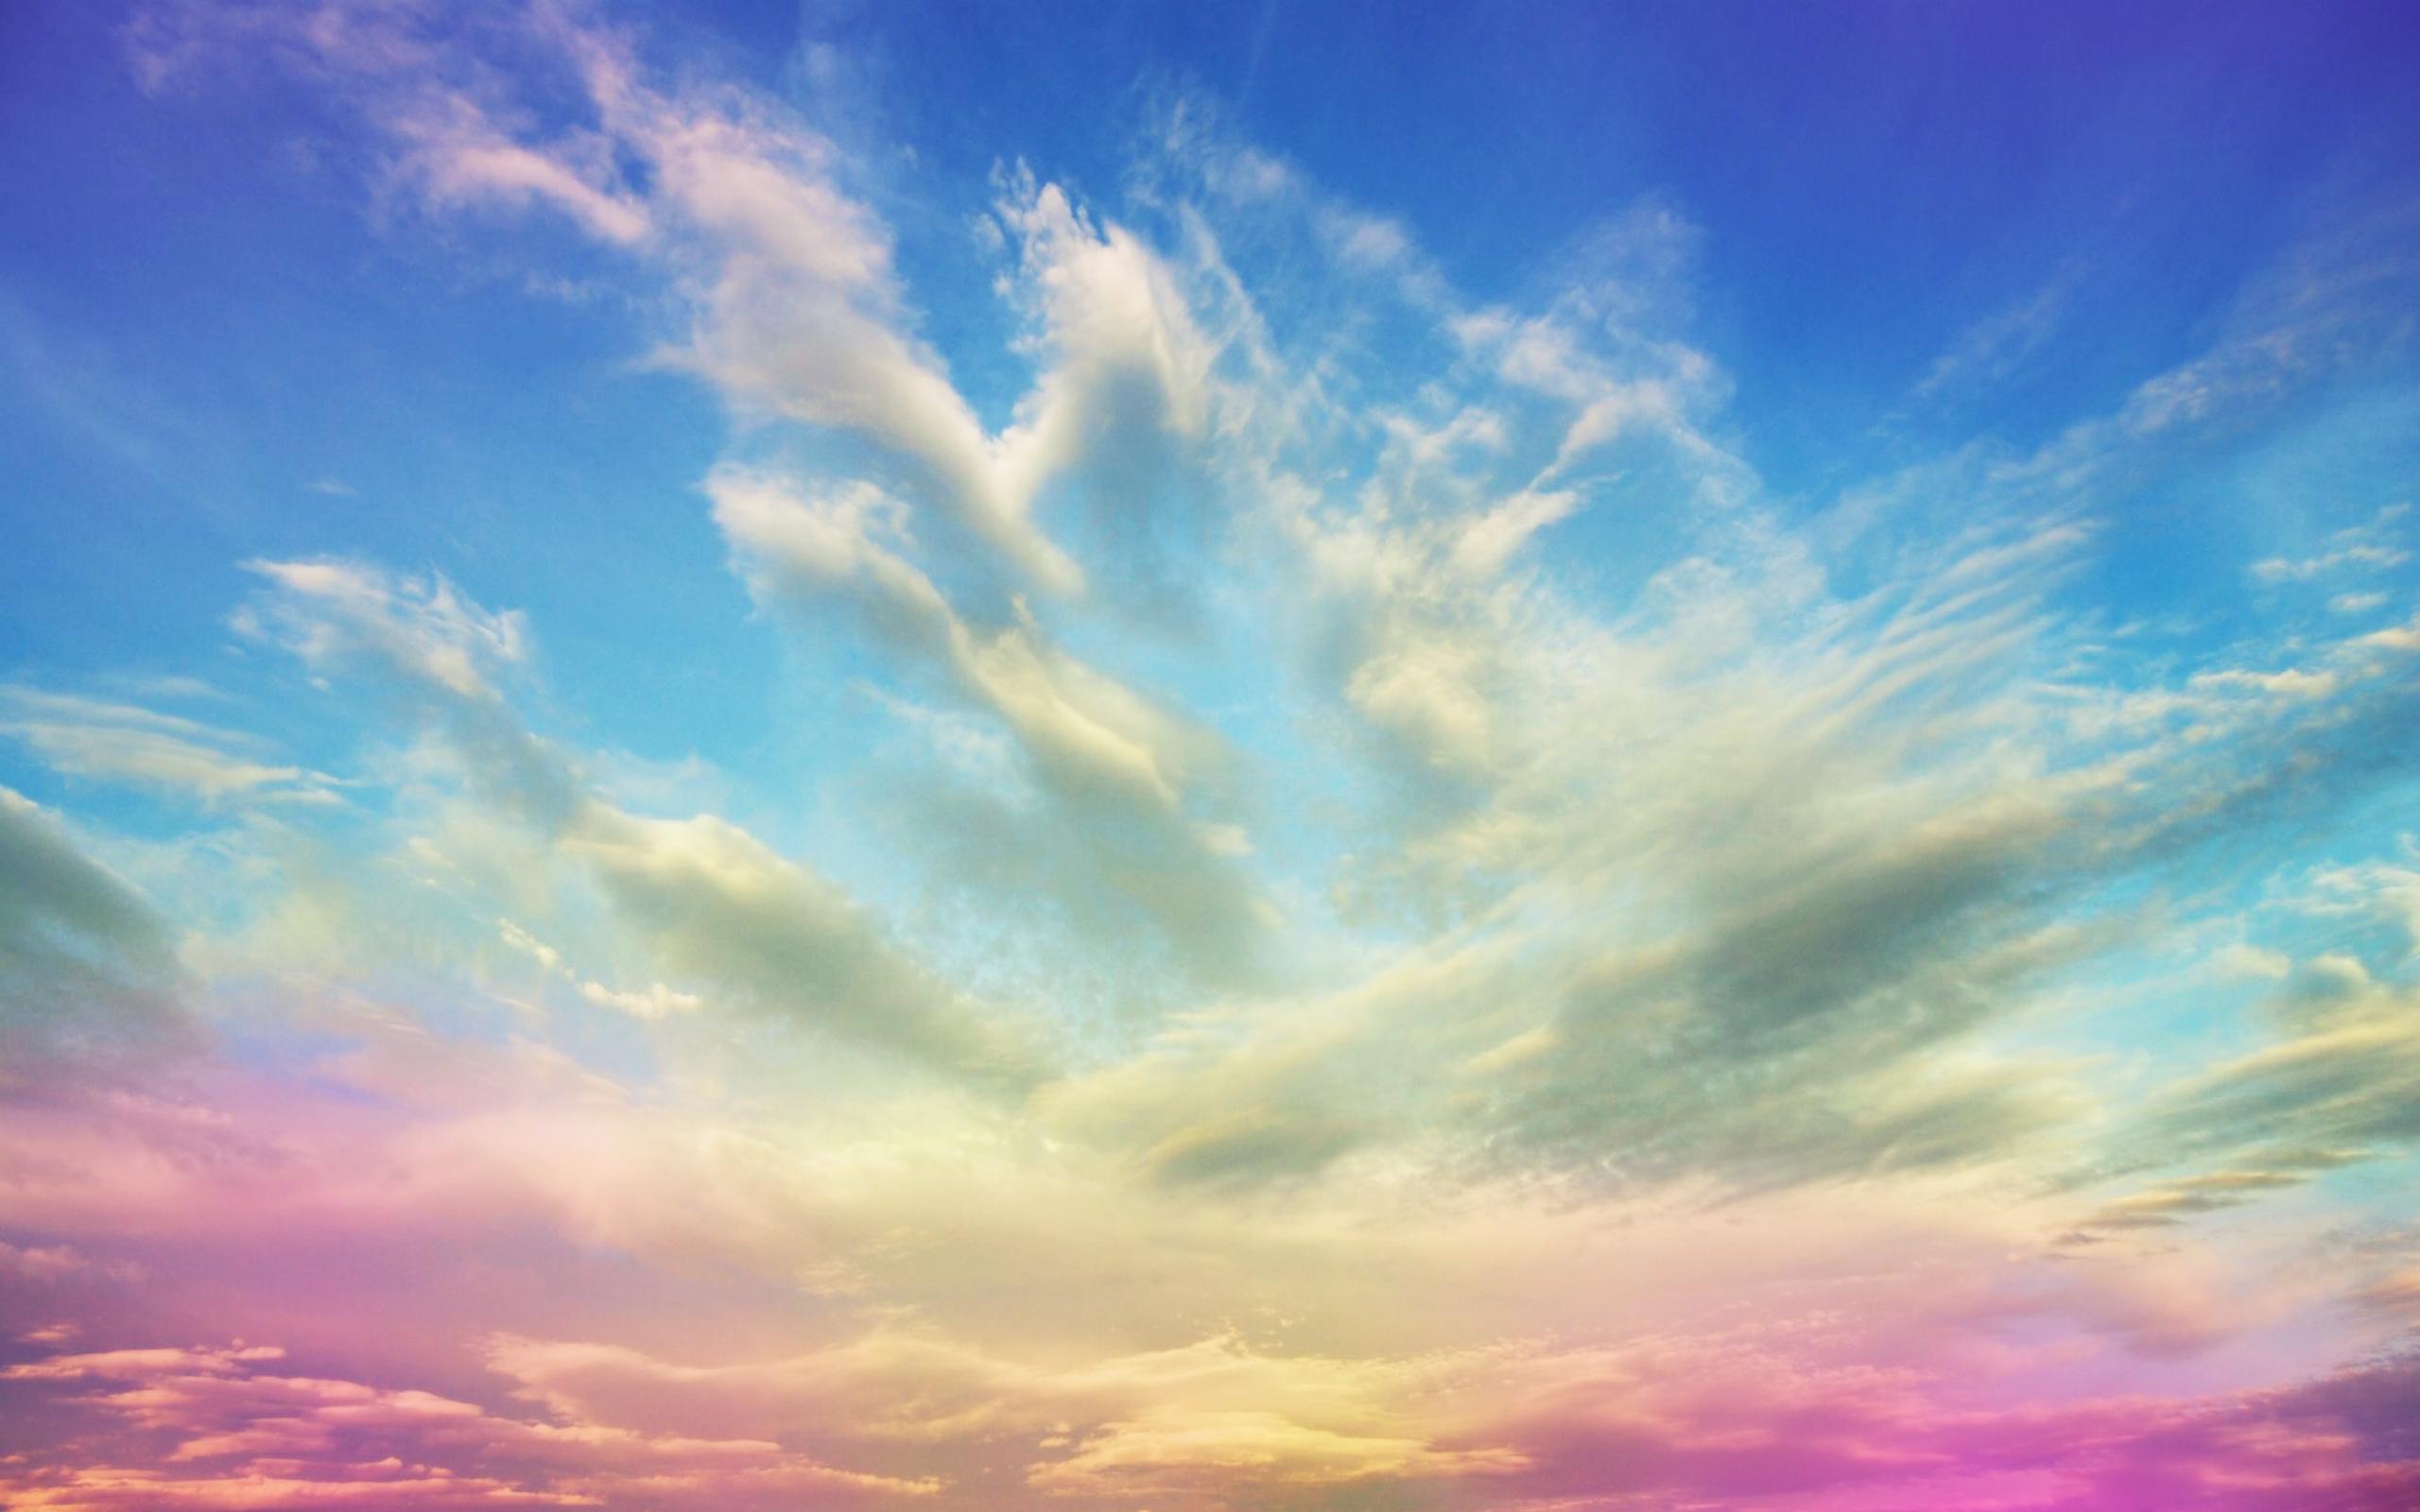 Ảnh bầu trời đẹp màu sắc rực rỡ